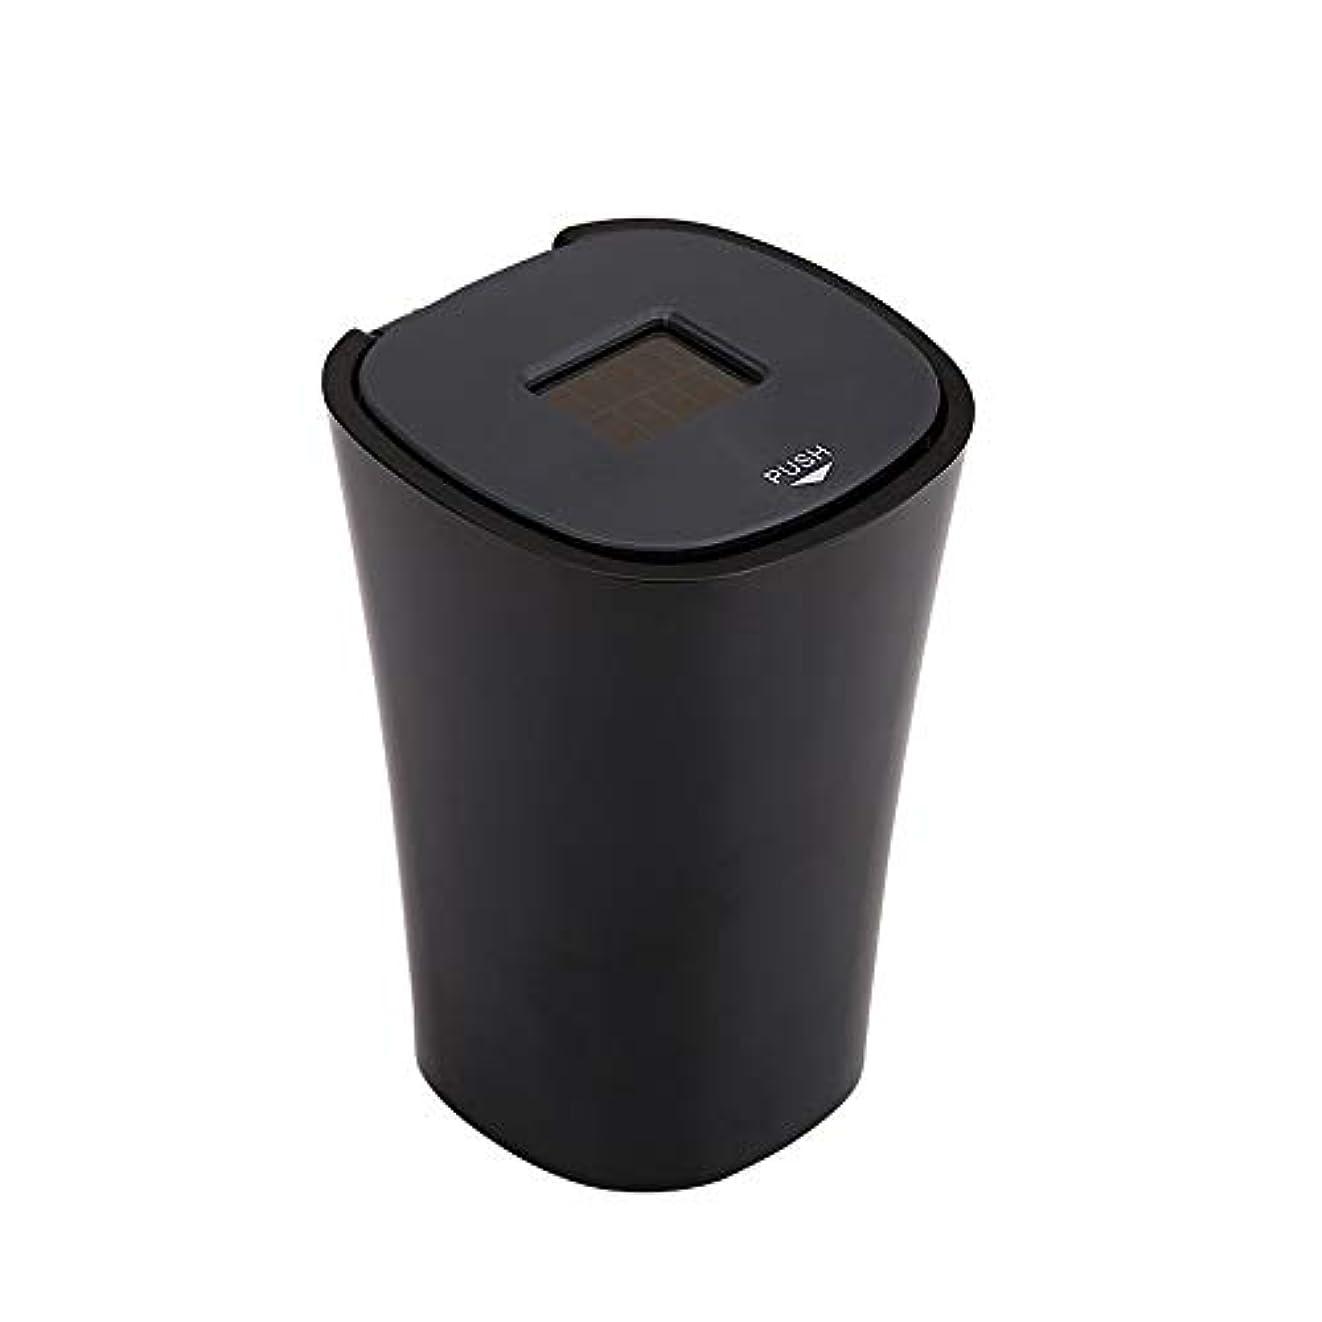 排除比較チーズLEDライト付きカー灰皿多機能ユニバーサルクリエイティブカー灰皿個性は車の用品をカバー